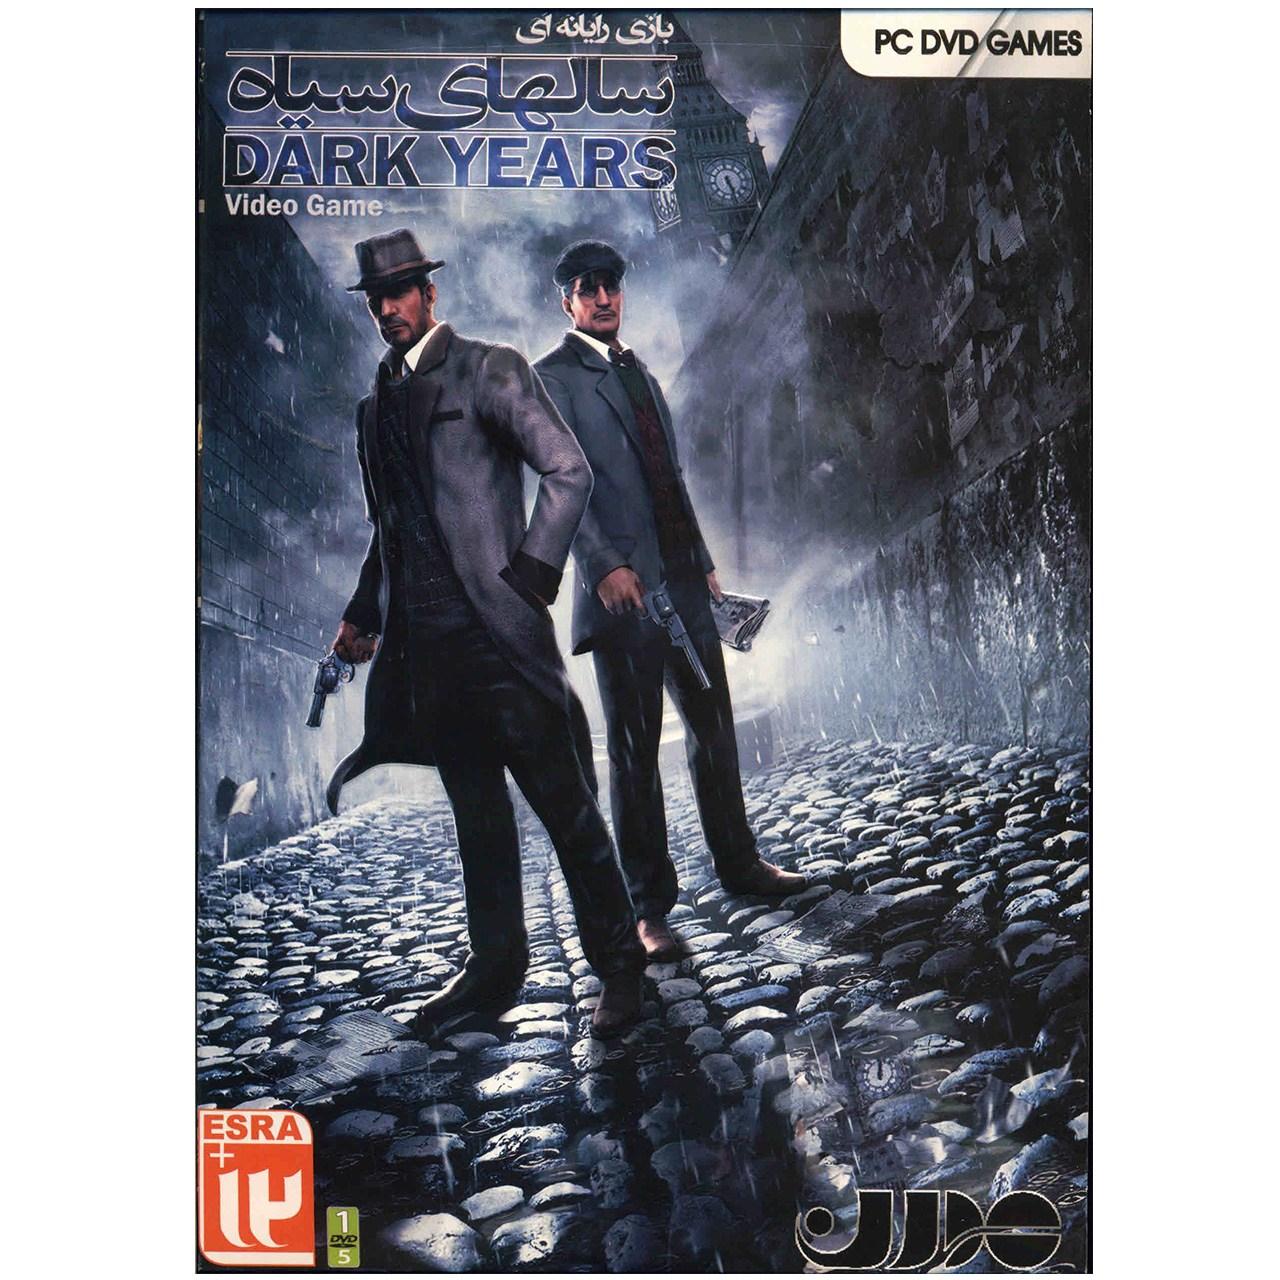 بازی کامپیوتری سالهای سیاه